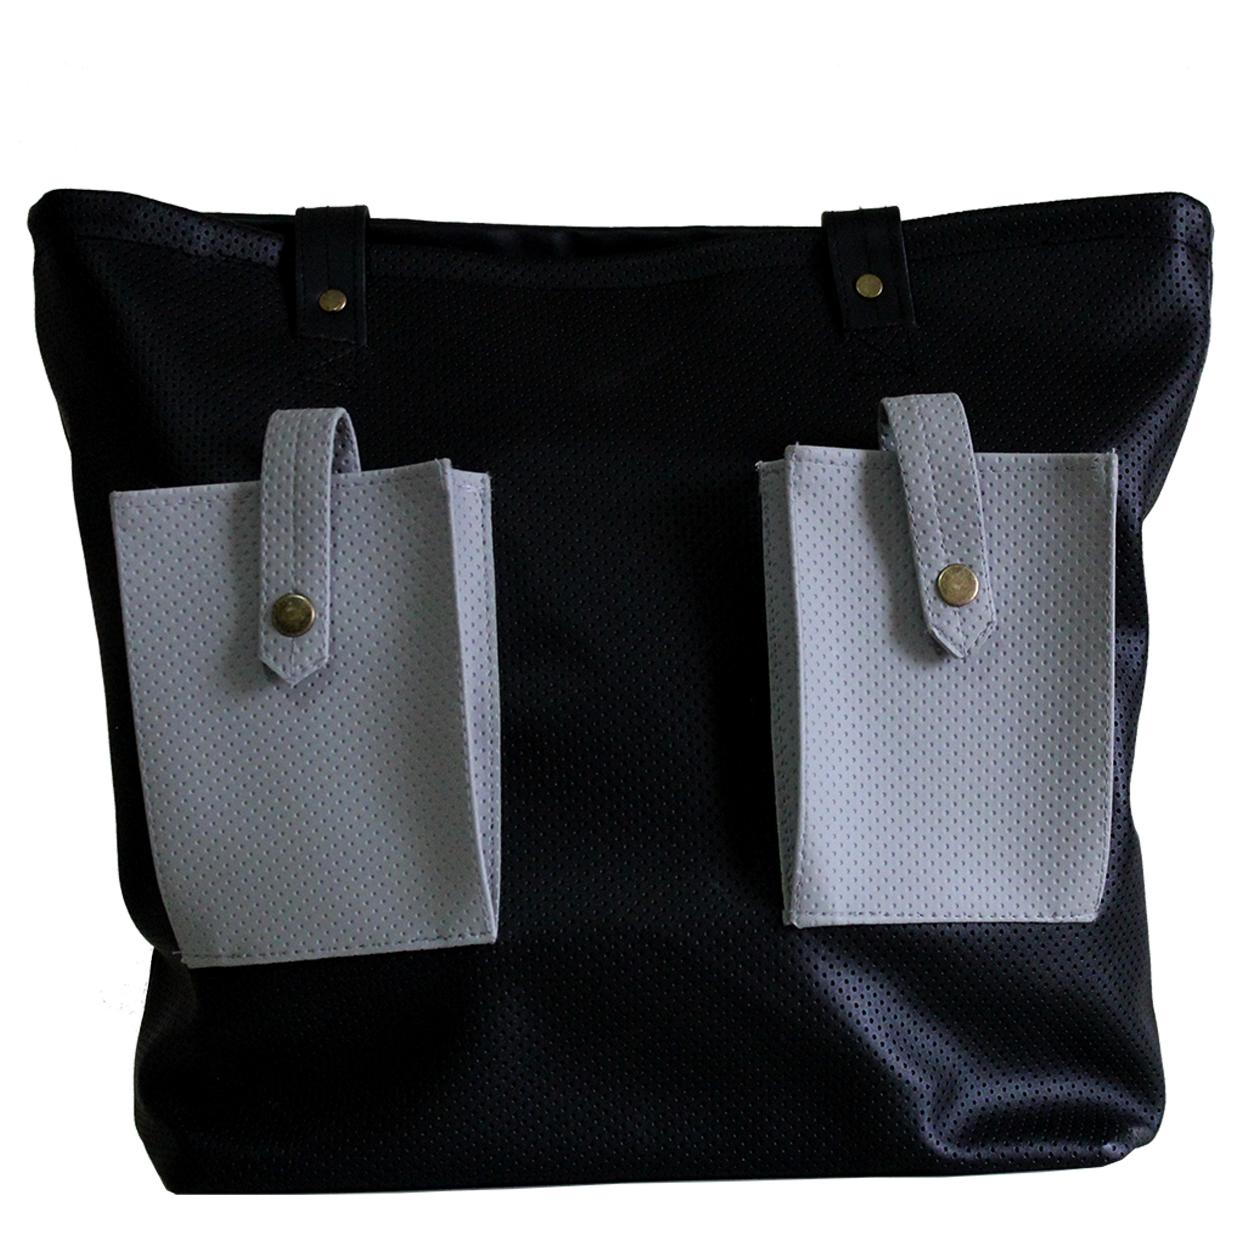 کیف دوشی زنانه کد kT375